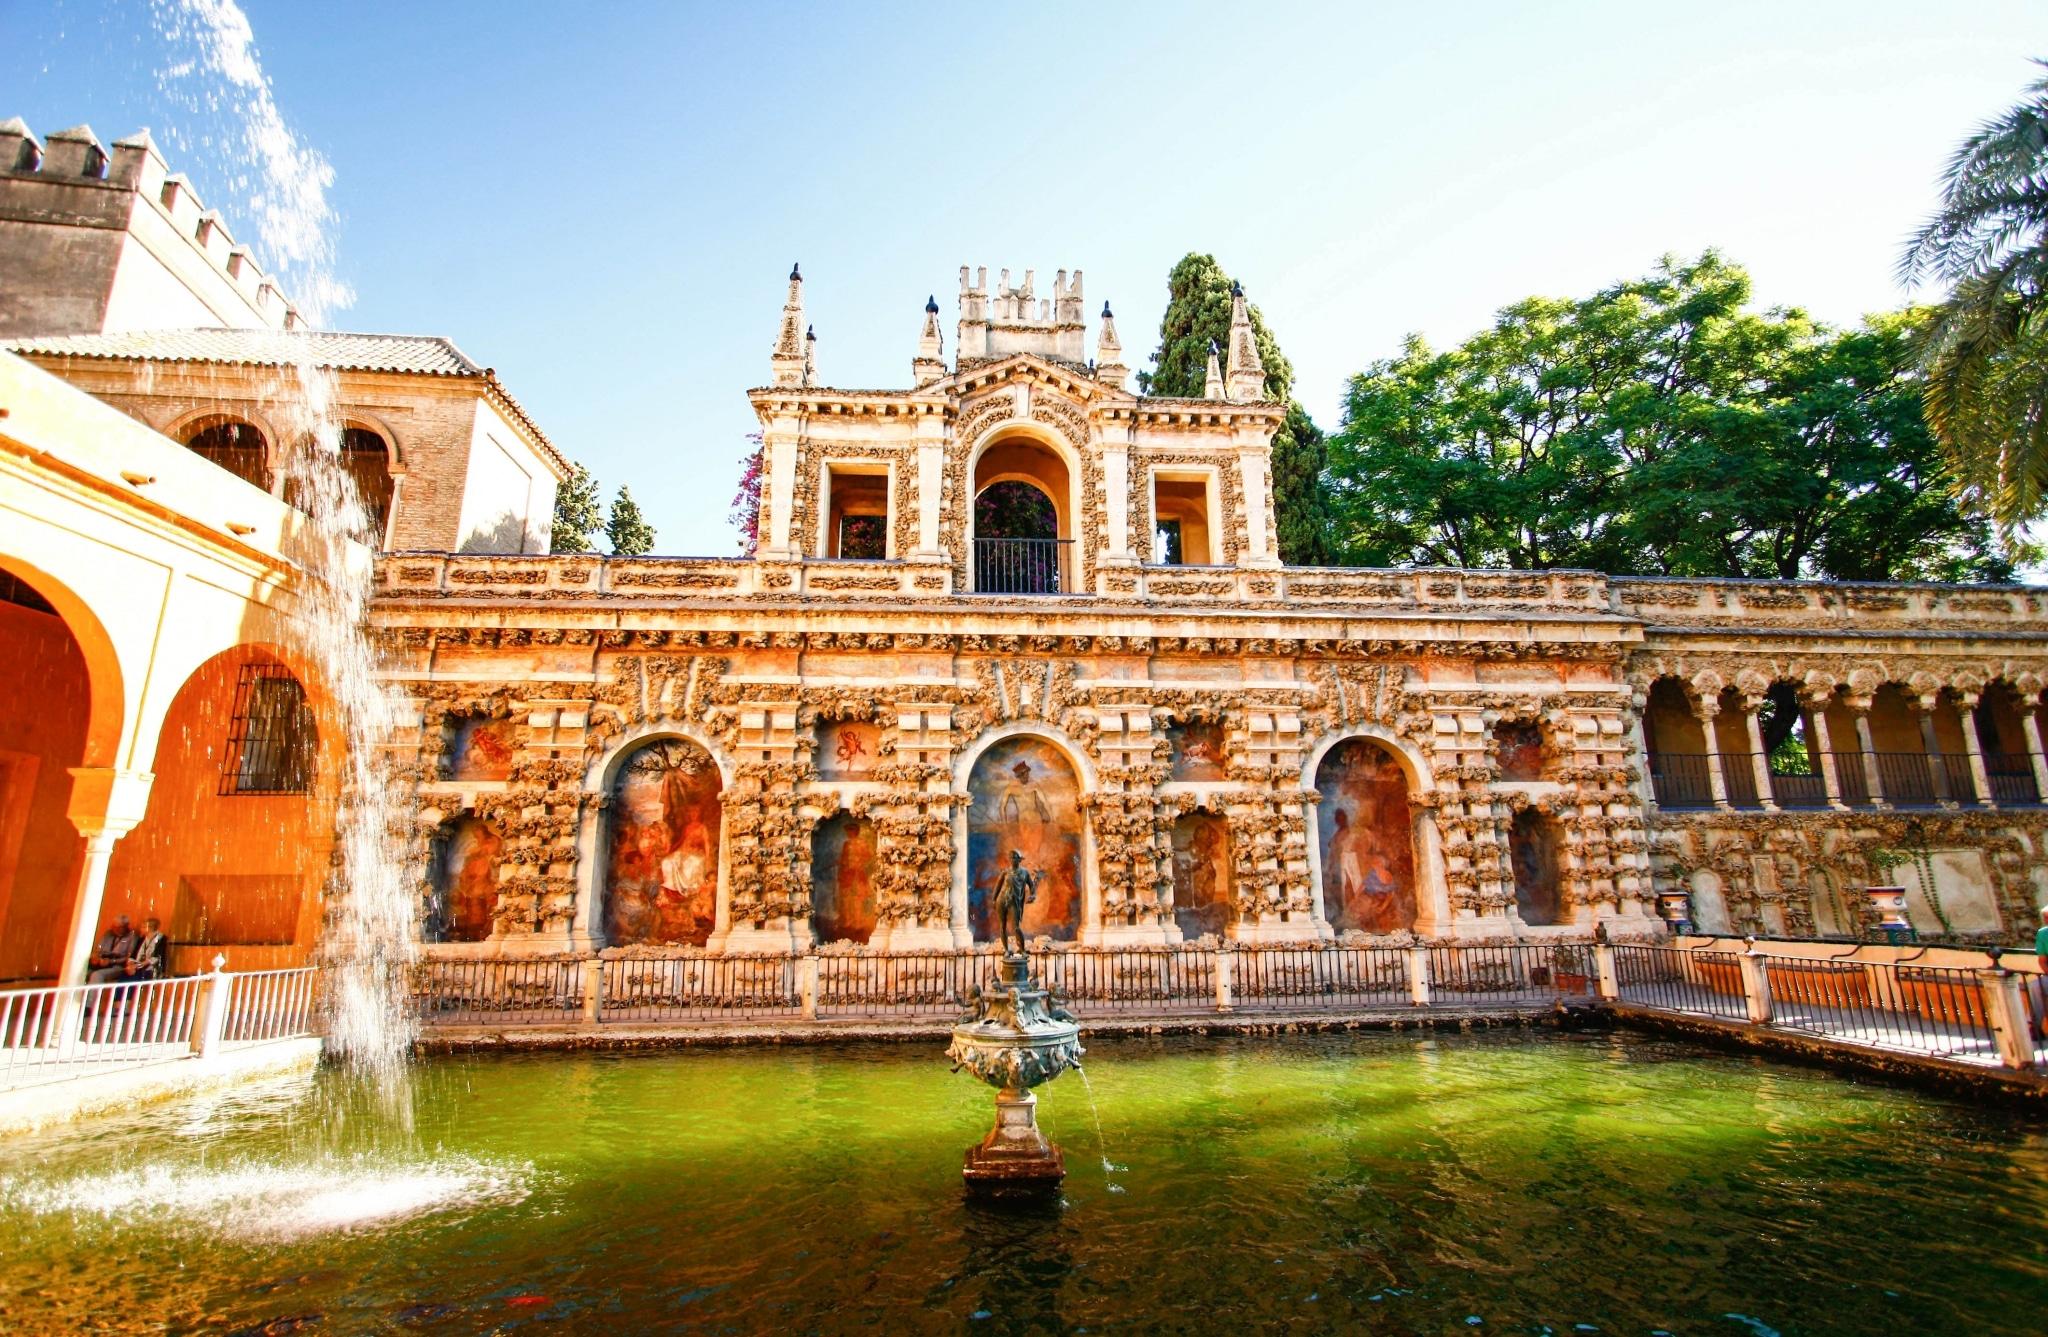 Estanque de Mercurio en el Alcázar de Sevilla